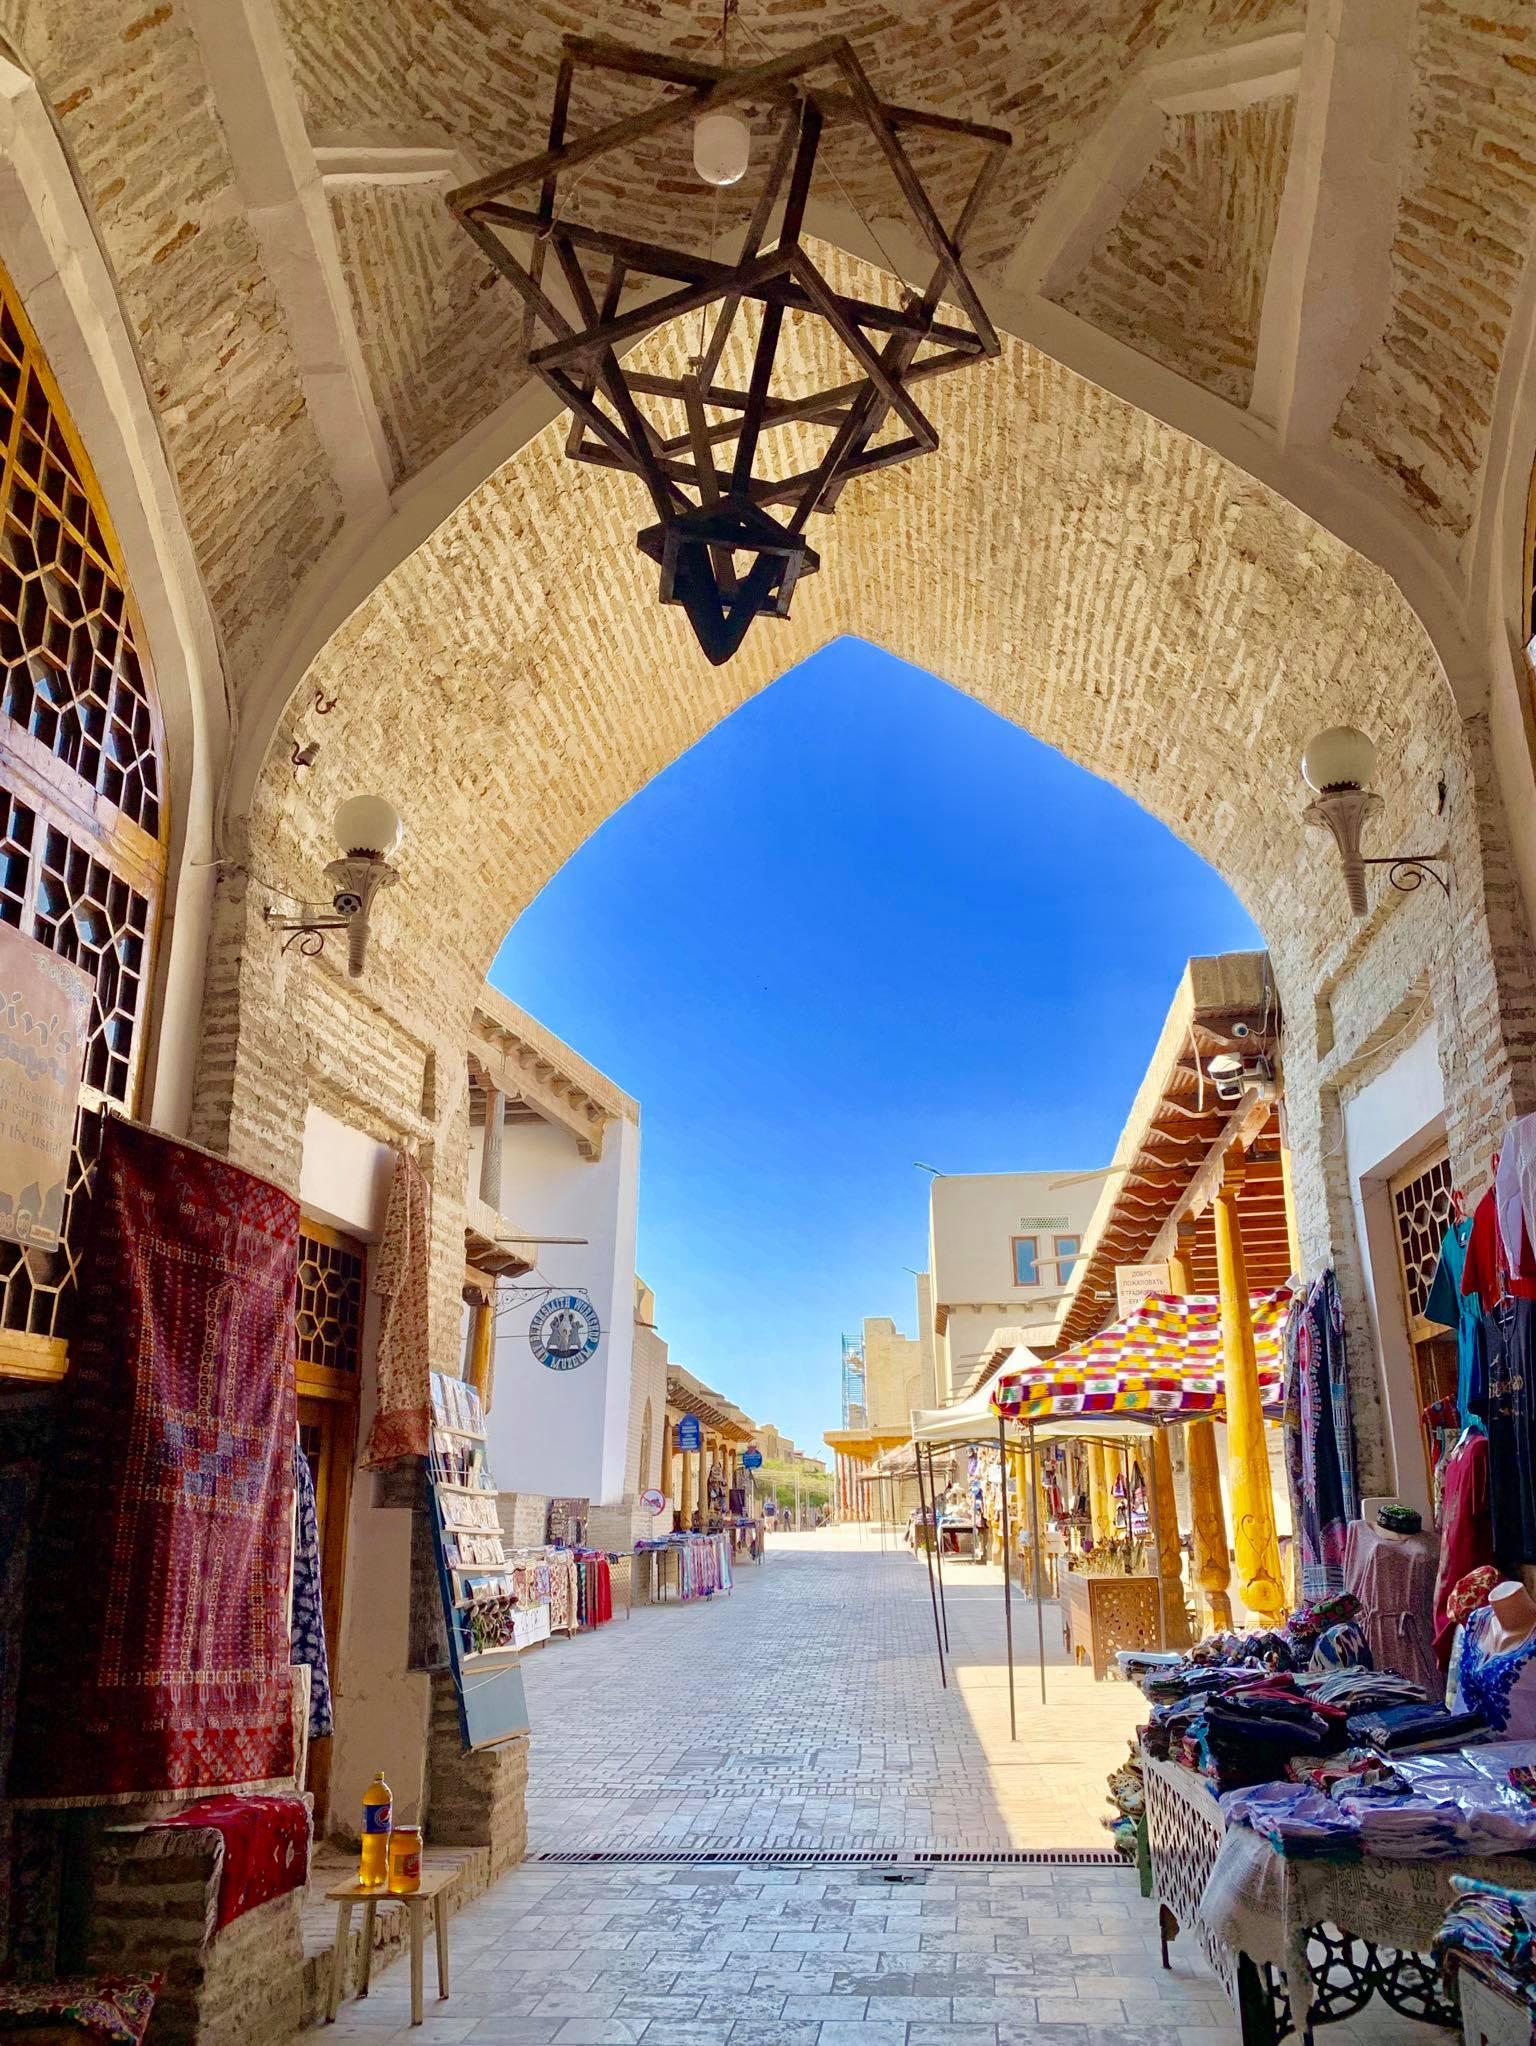 Kach Solo Travels in 2019 Last stop in Uzbekistan17.jpg